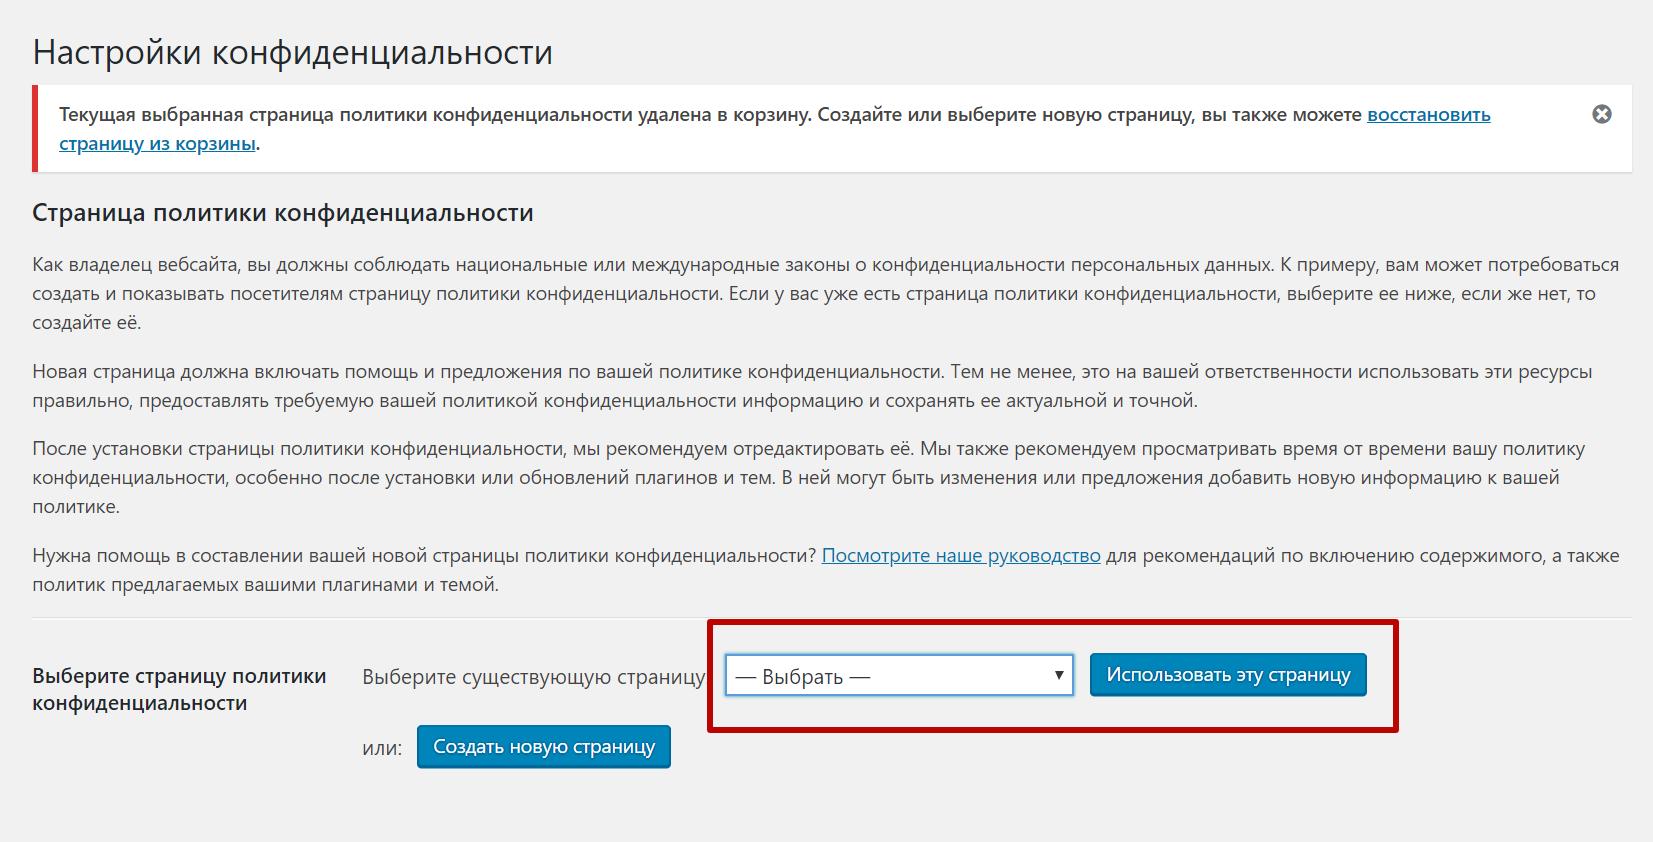 Настройки Конфиденциальности в WordPress